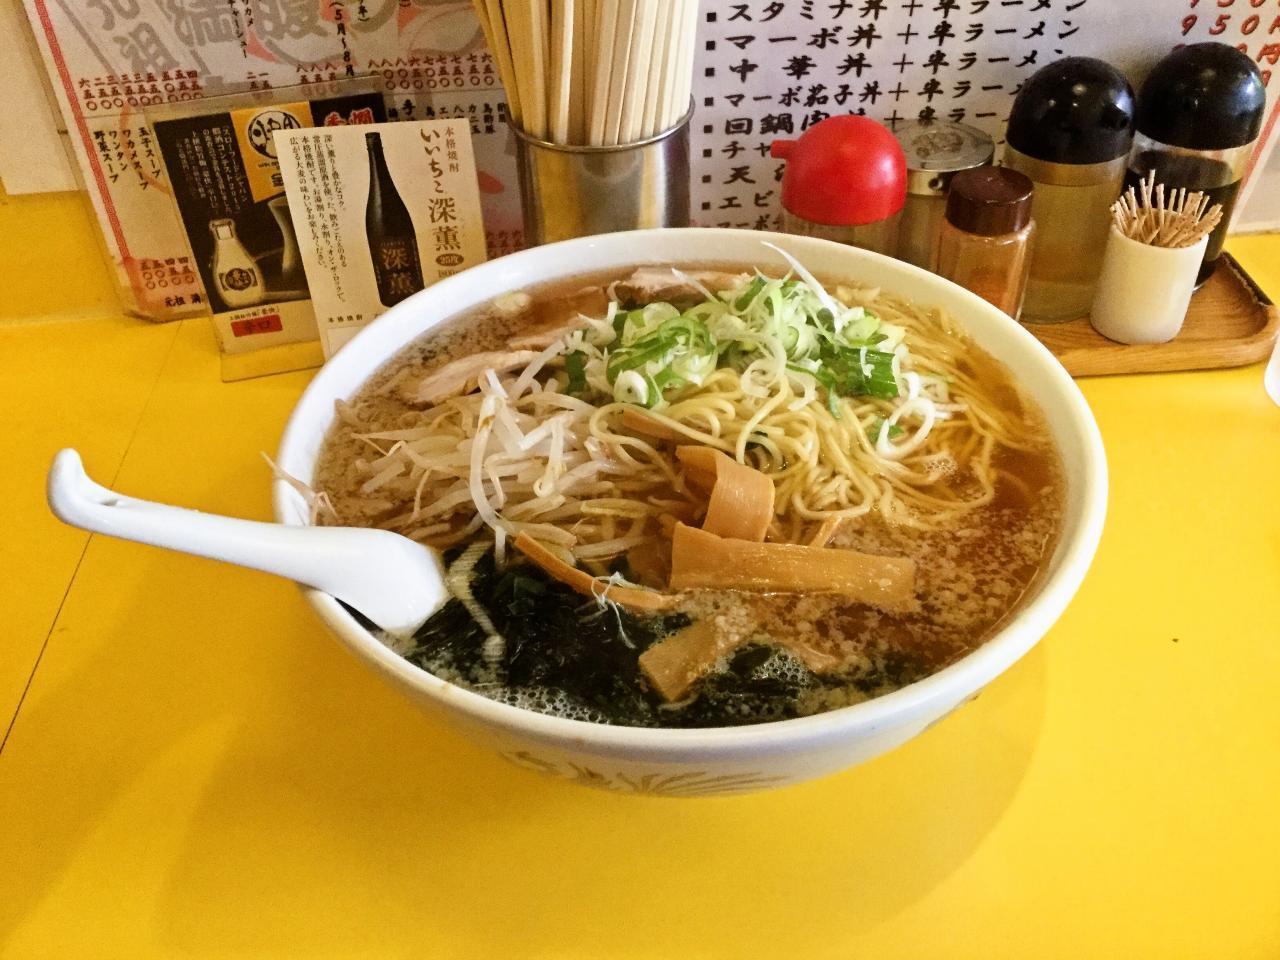 元祖 満腹ラーメン 富田屋(ジャンボラーメン)